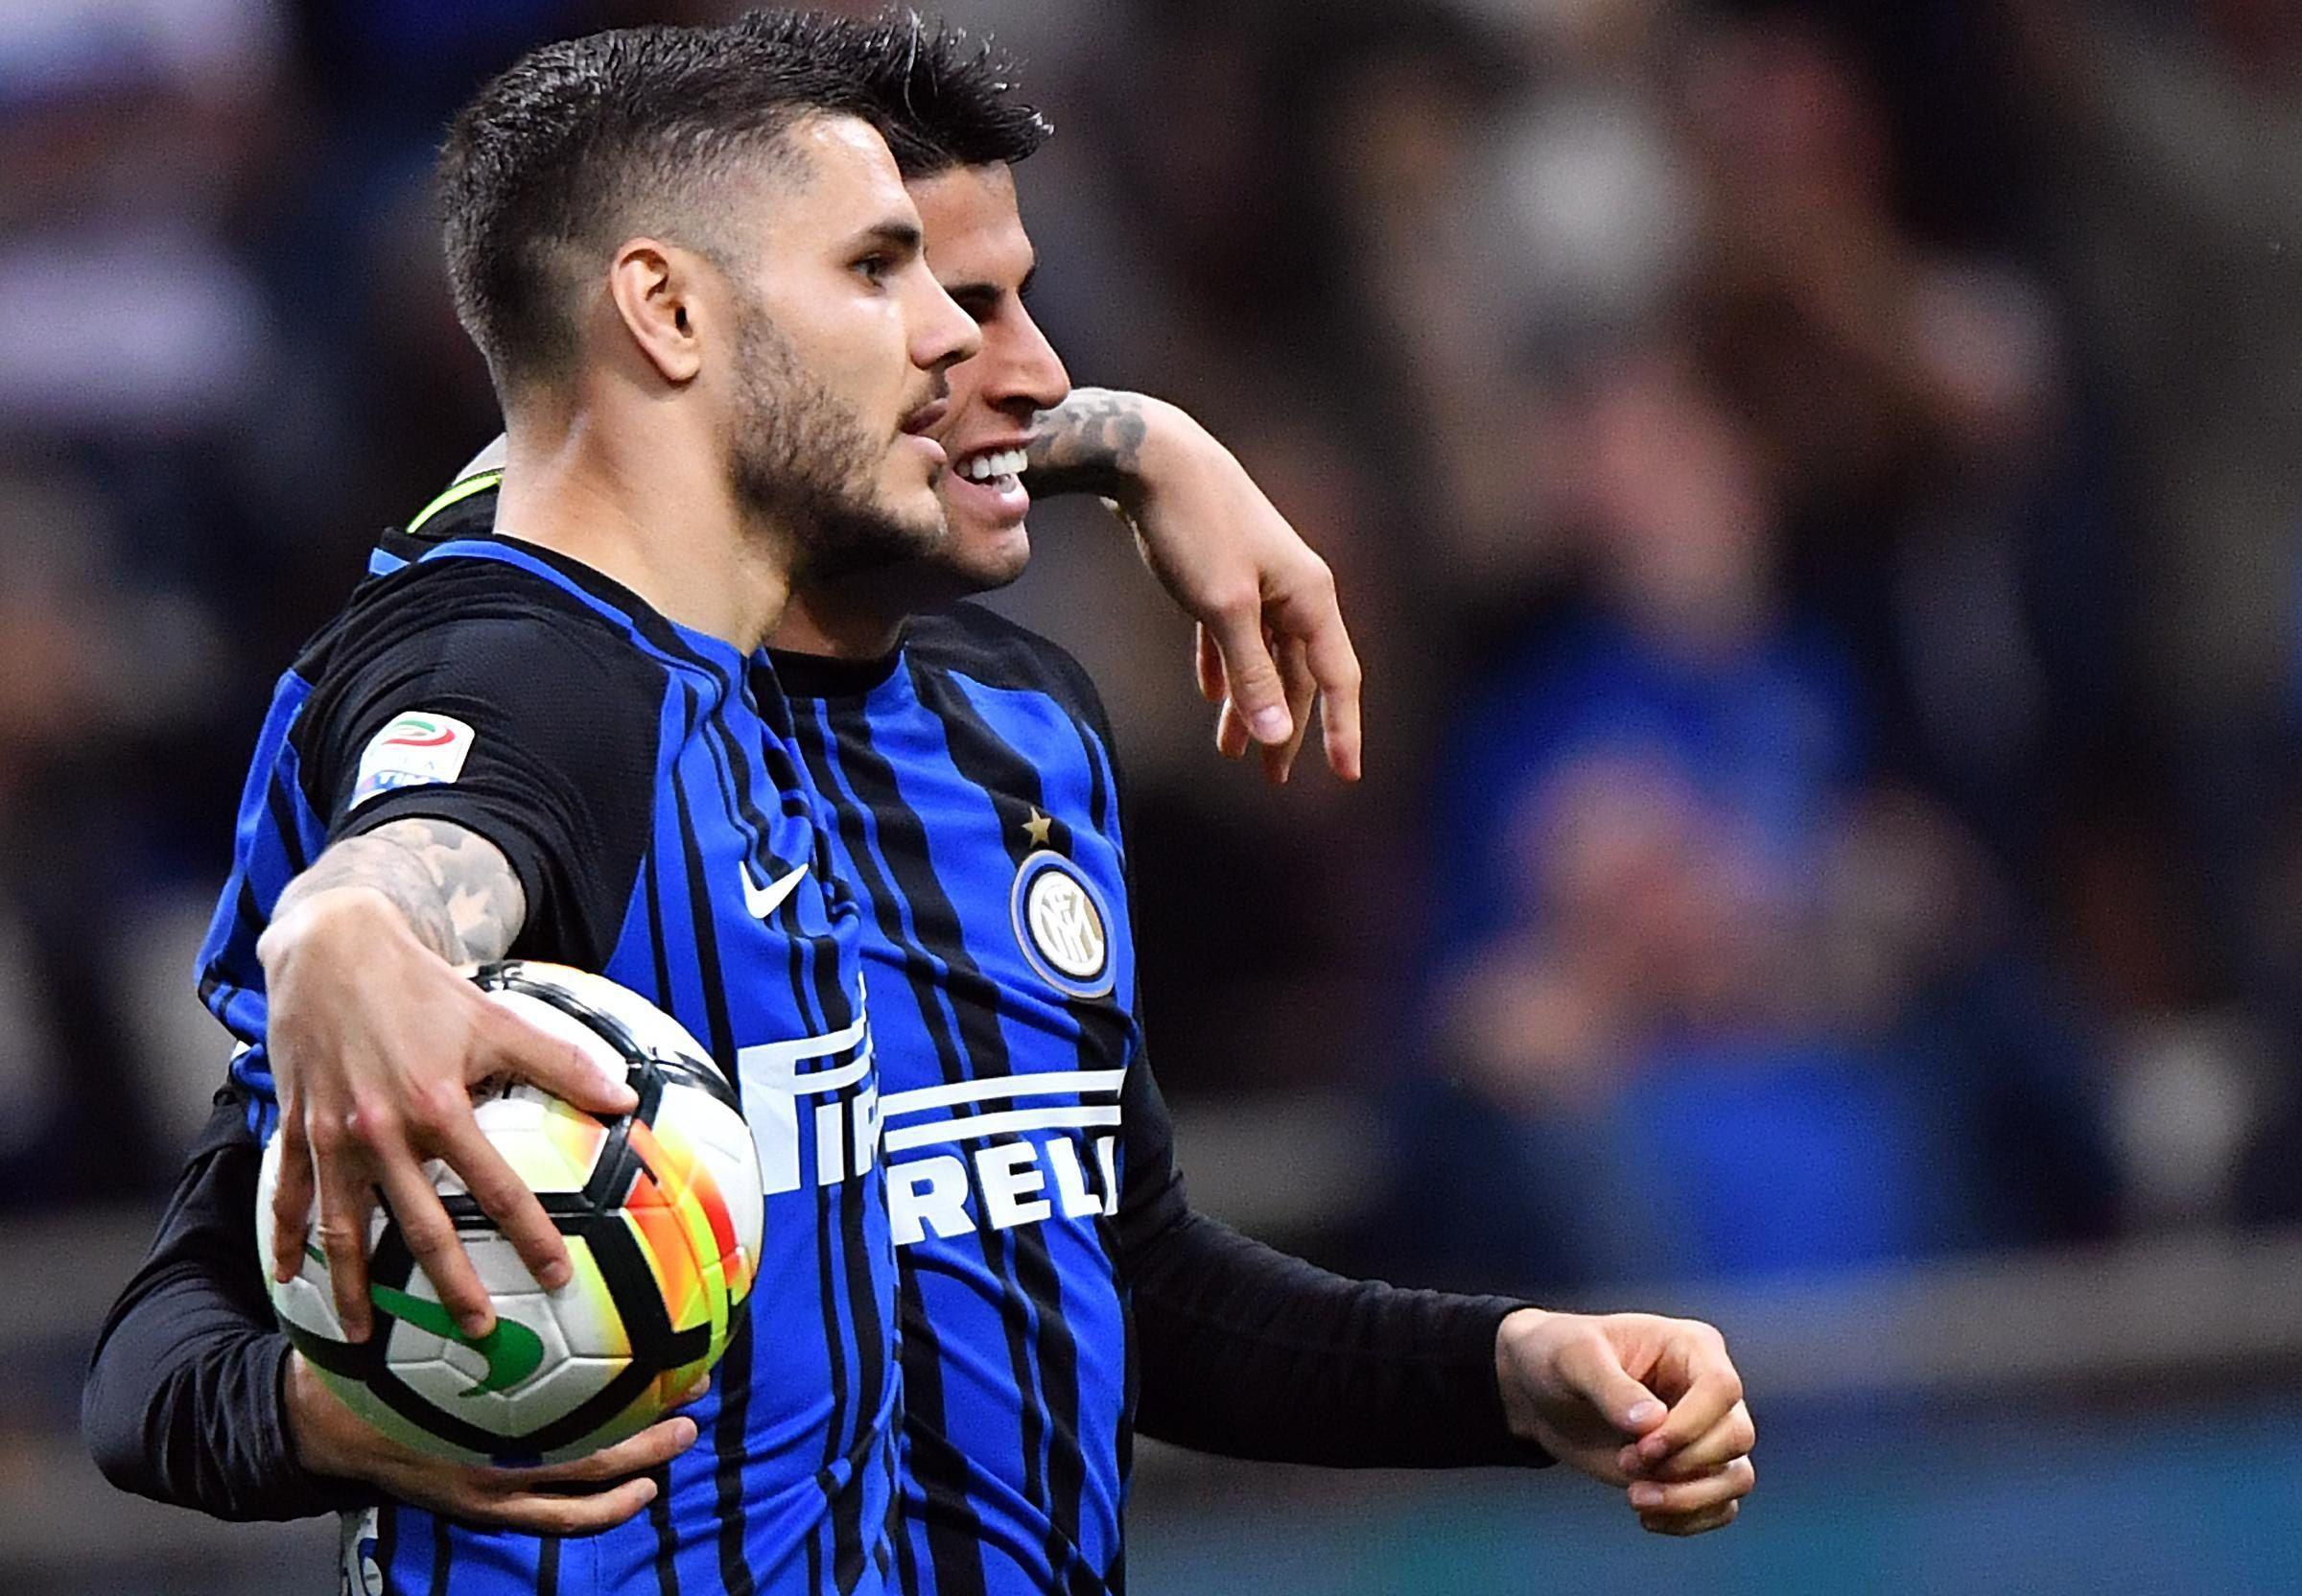 El Inter goleó y alcanzó la tercera plaza. Foto: EFE